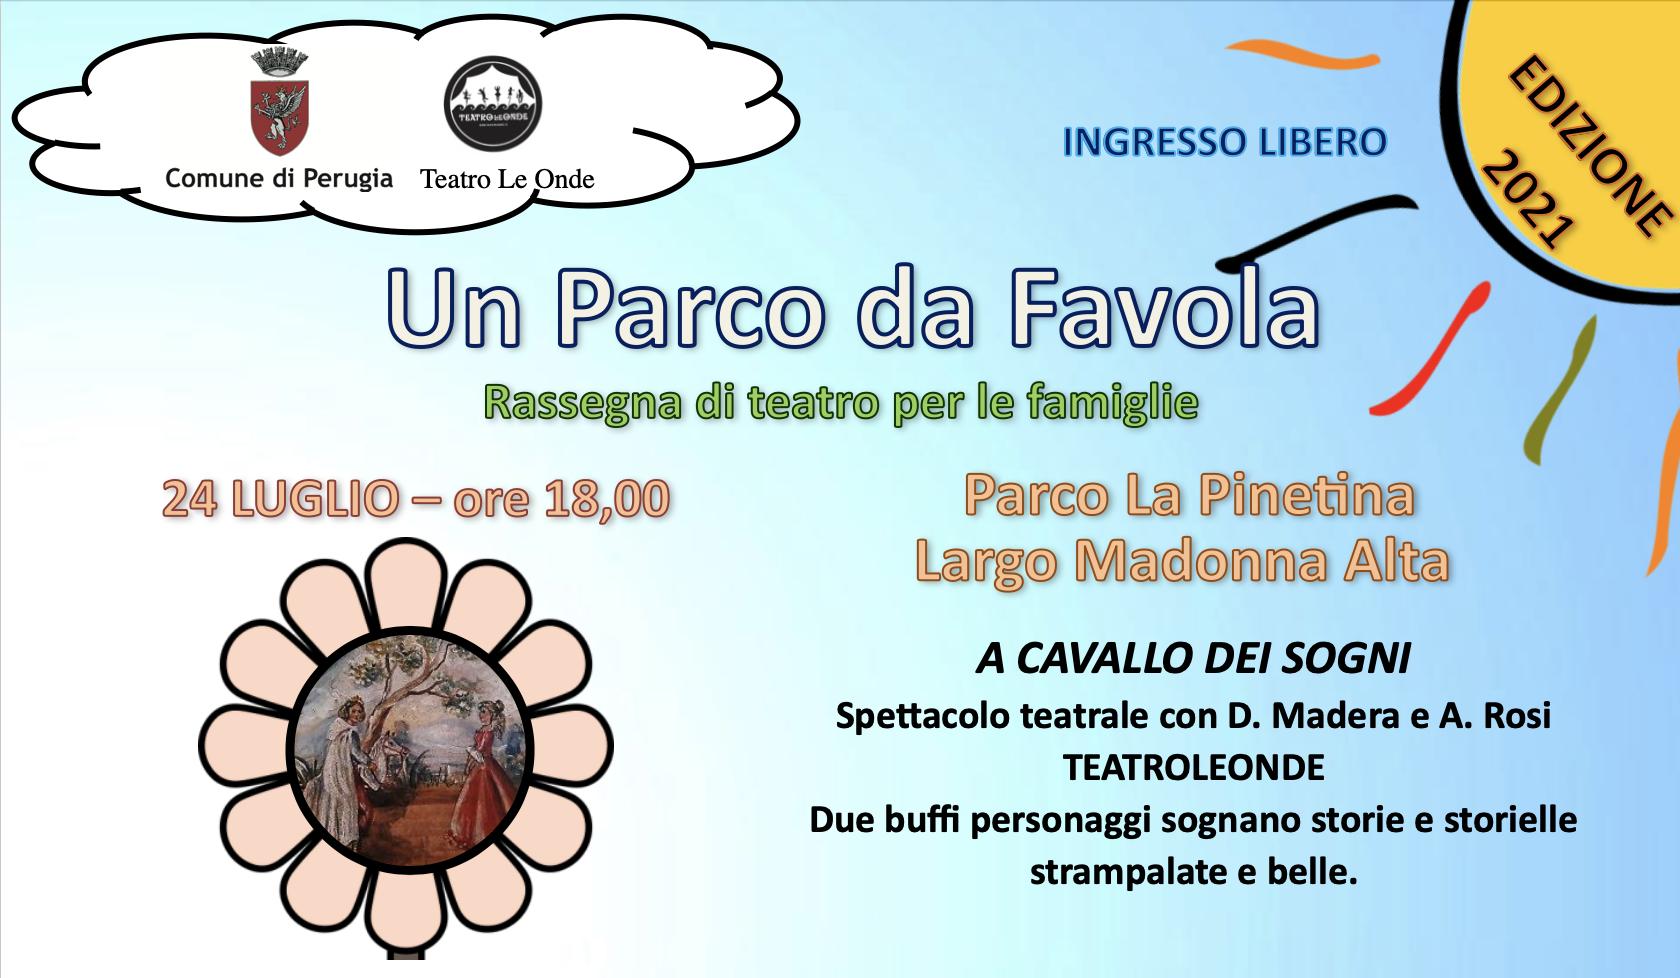 Un parco da FAvola - Comune di Perugia - Largo Madonna Alta